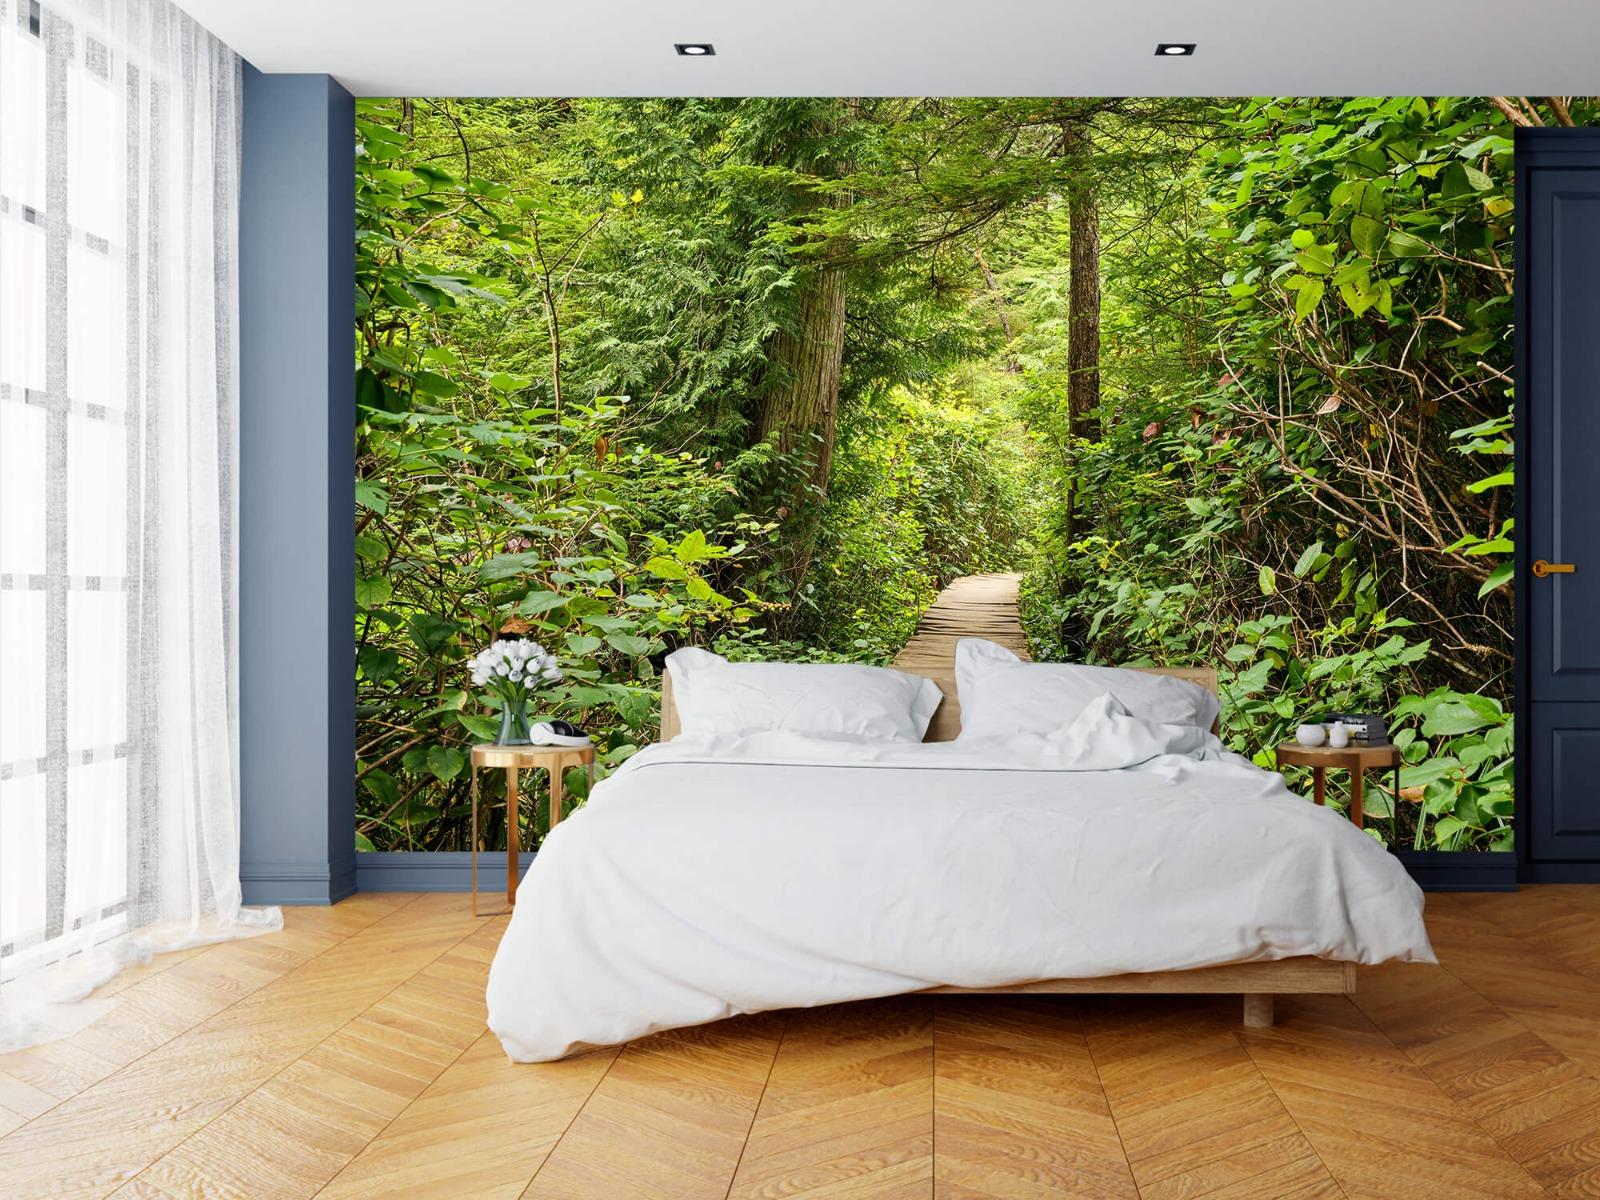 Bos behang - Houten pad door het groen - Slaapkamer 19